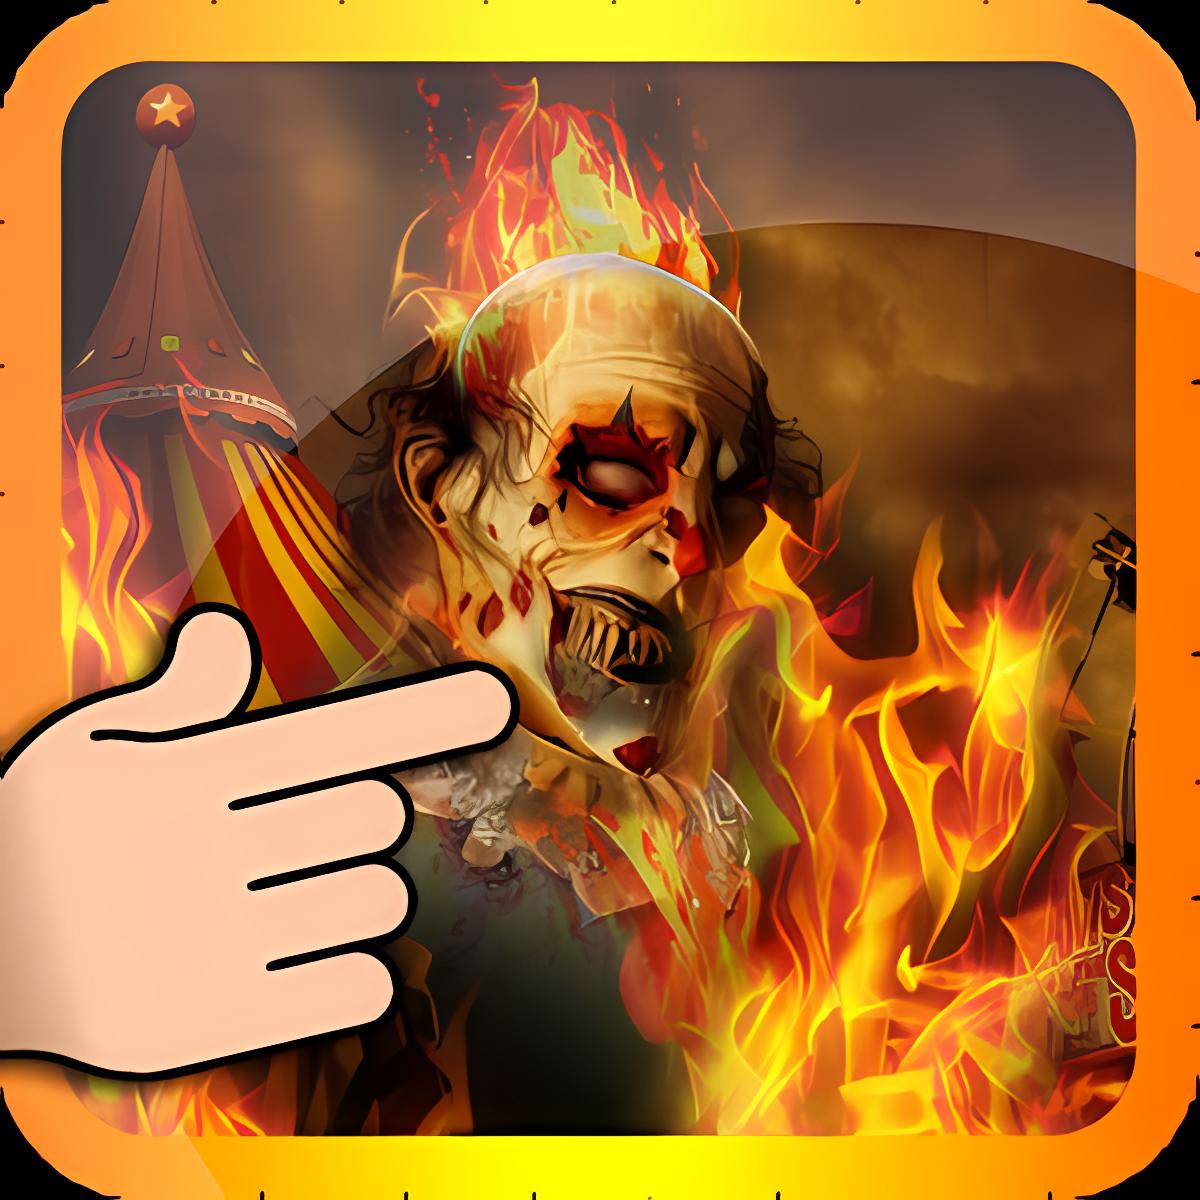 Ghost Rider payaso de Fuego 6